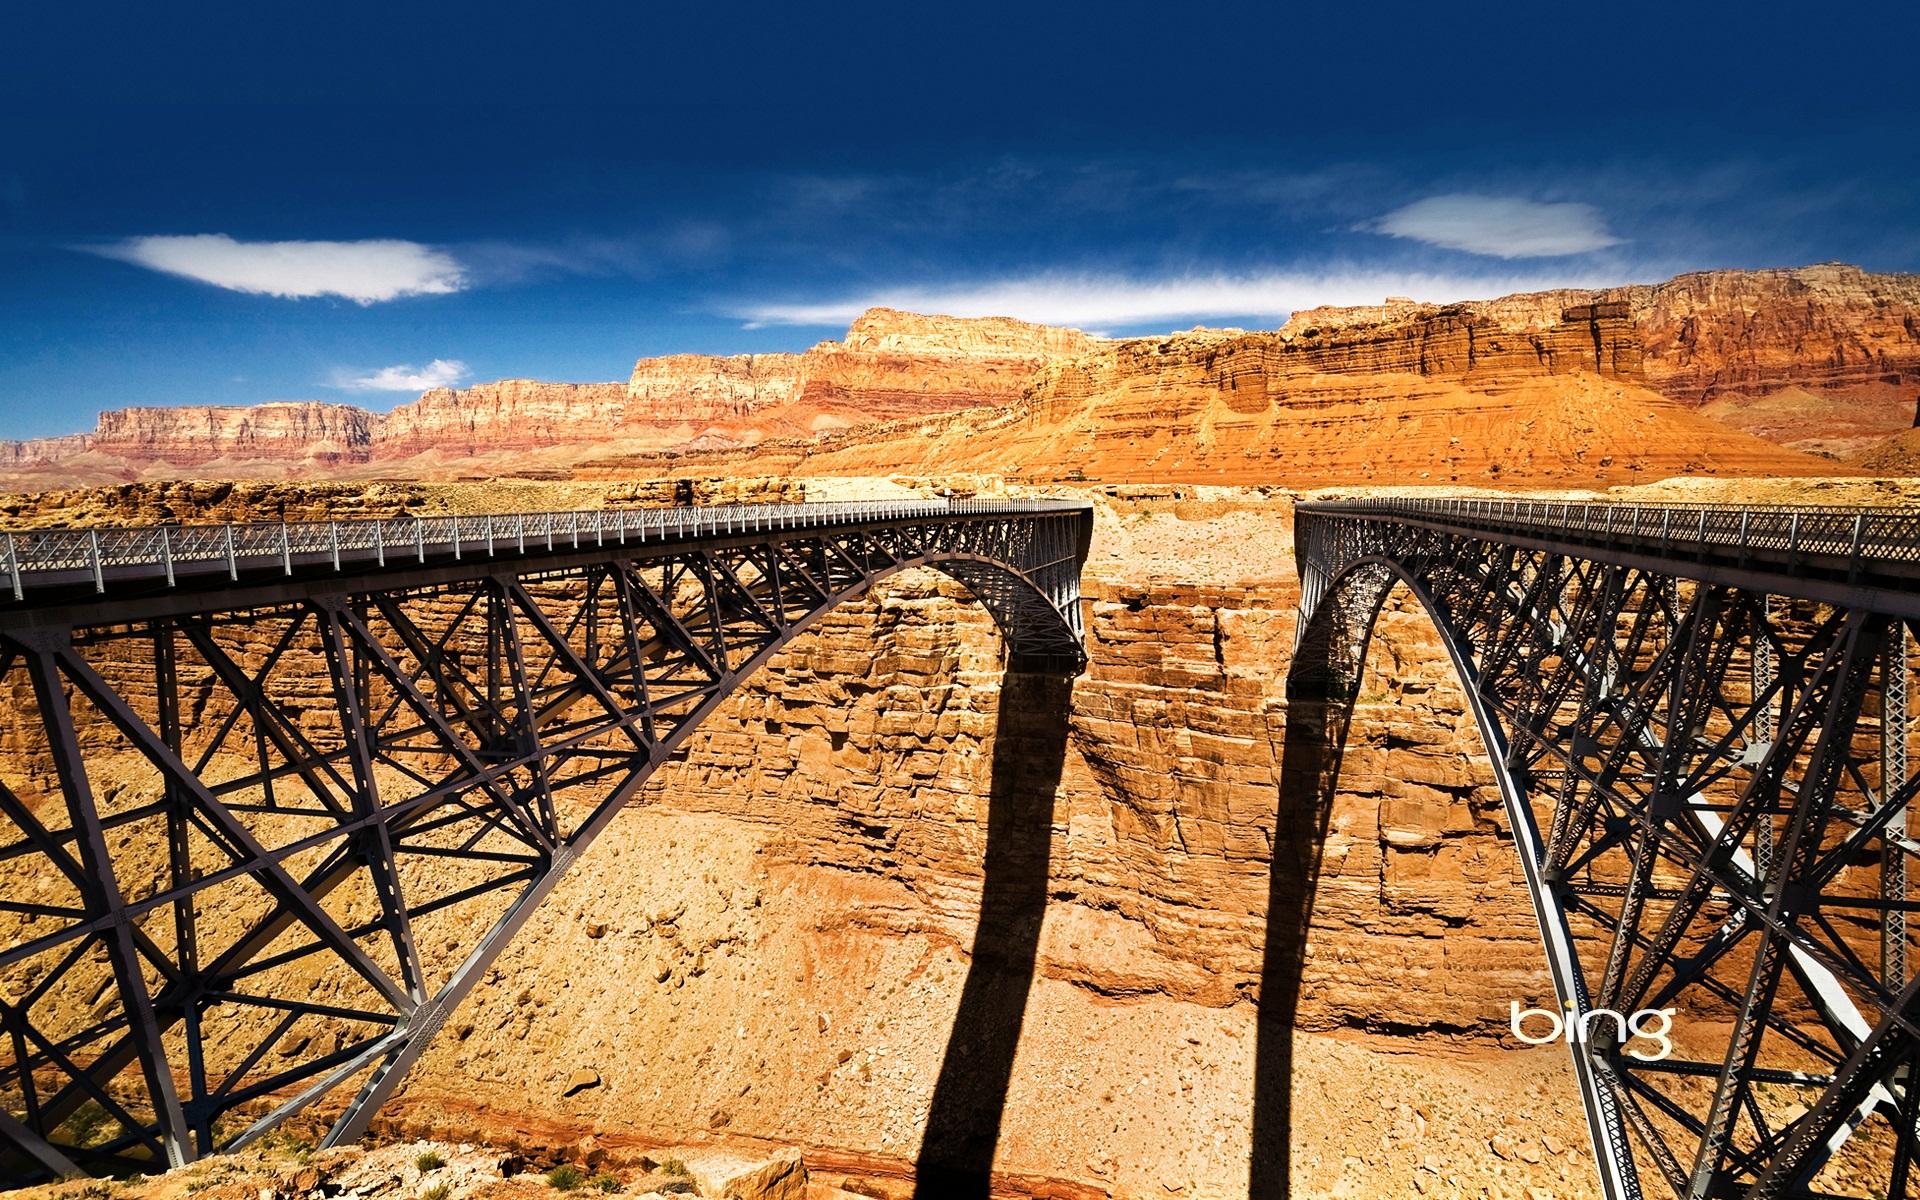 обрыв небо горы мост доски  № 662250 загрузить